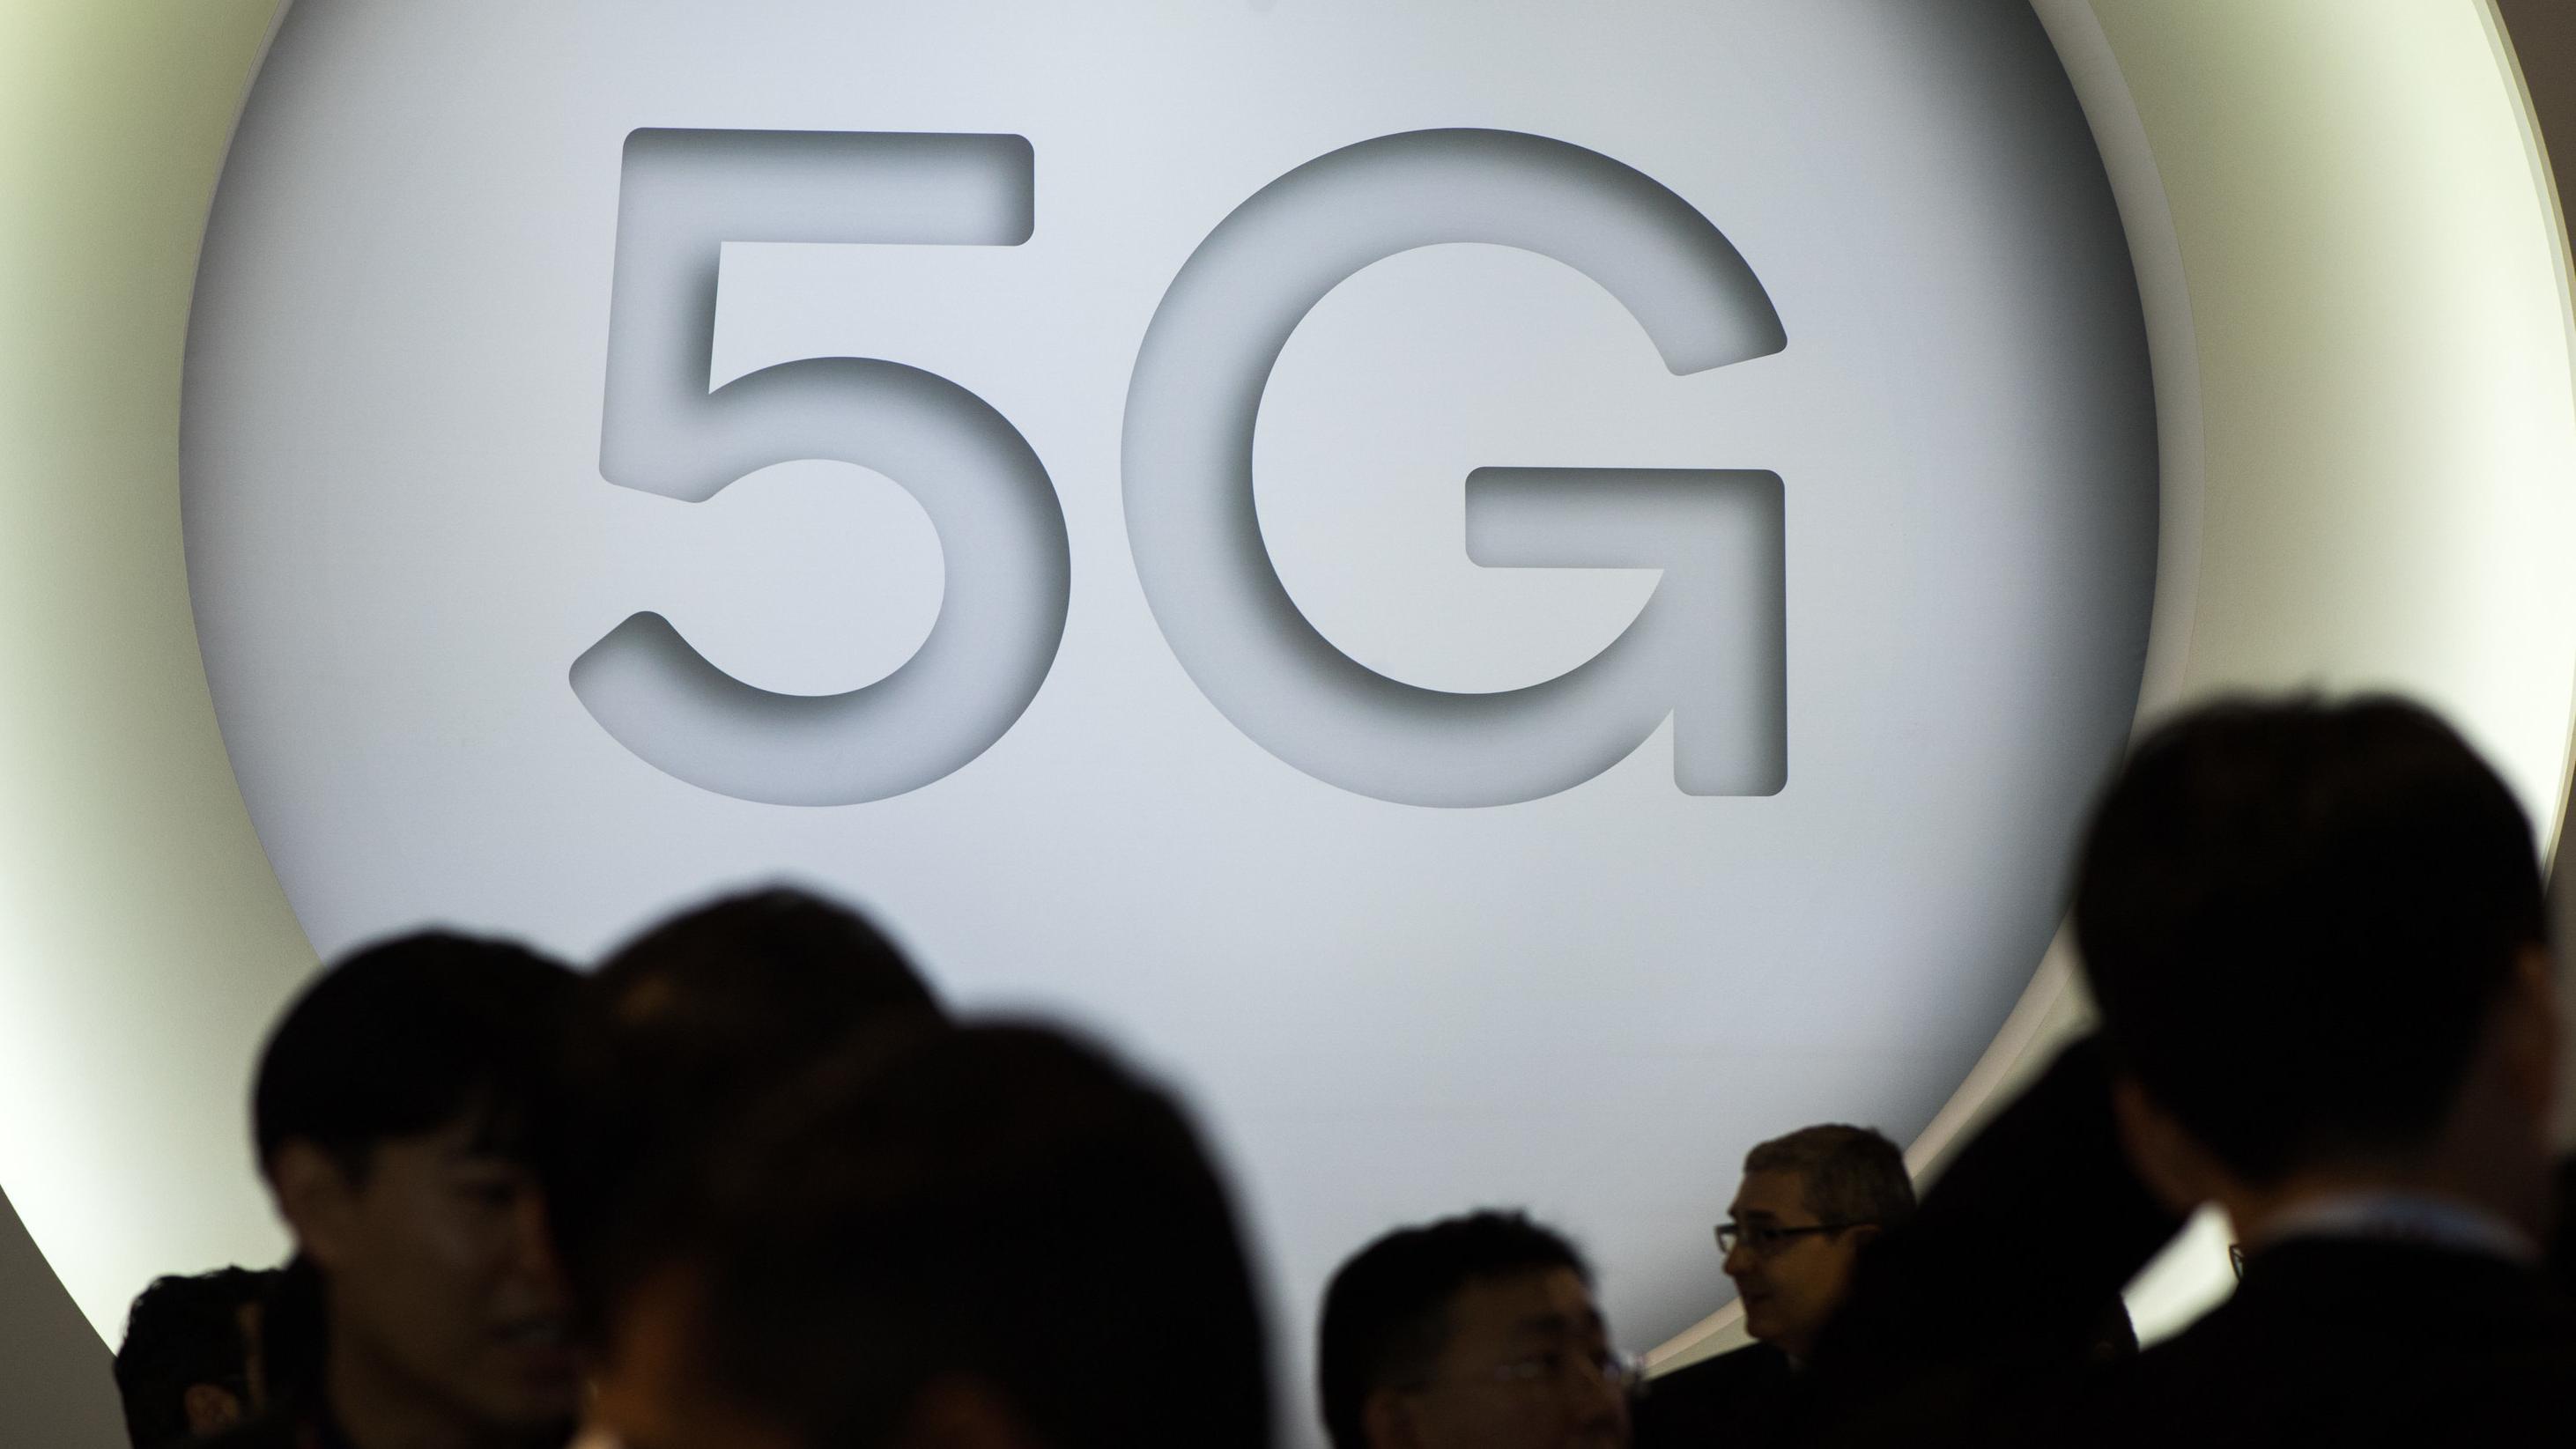 """""""5G"""" steht an einem Stand beim Mobile World Congress im Februar in Barcelona"""